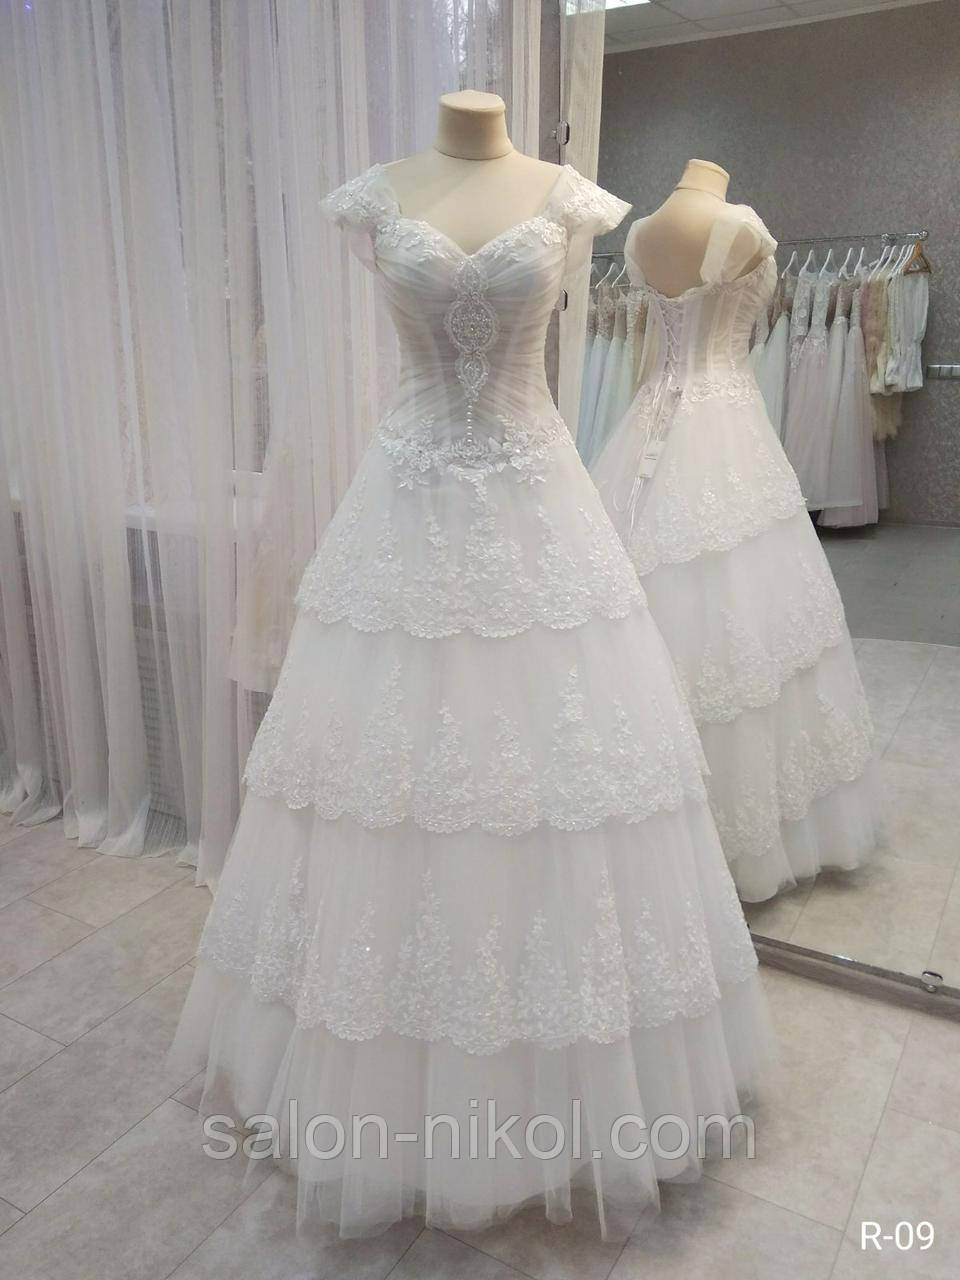 Свадебное платье R-09